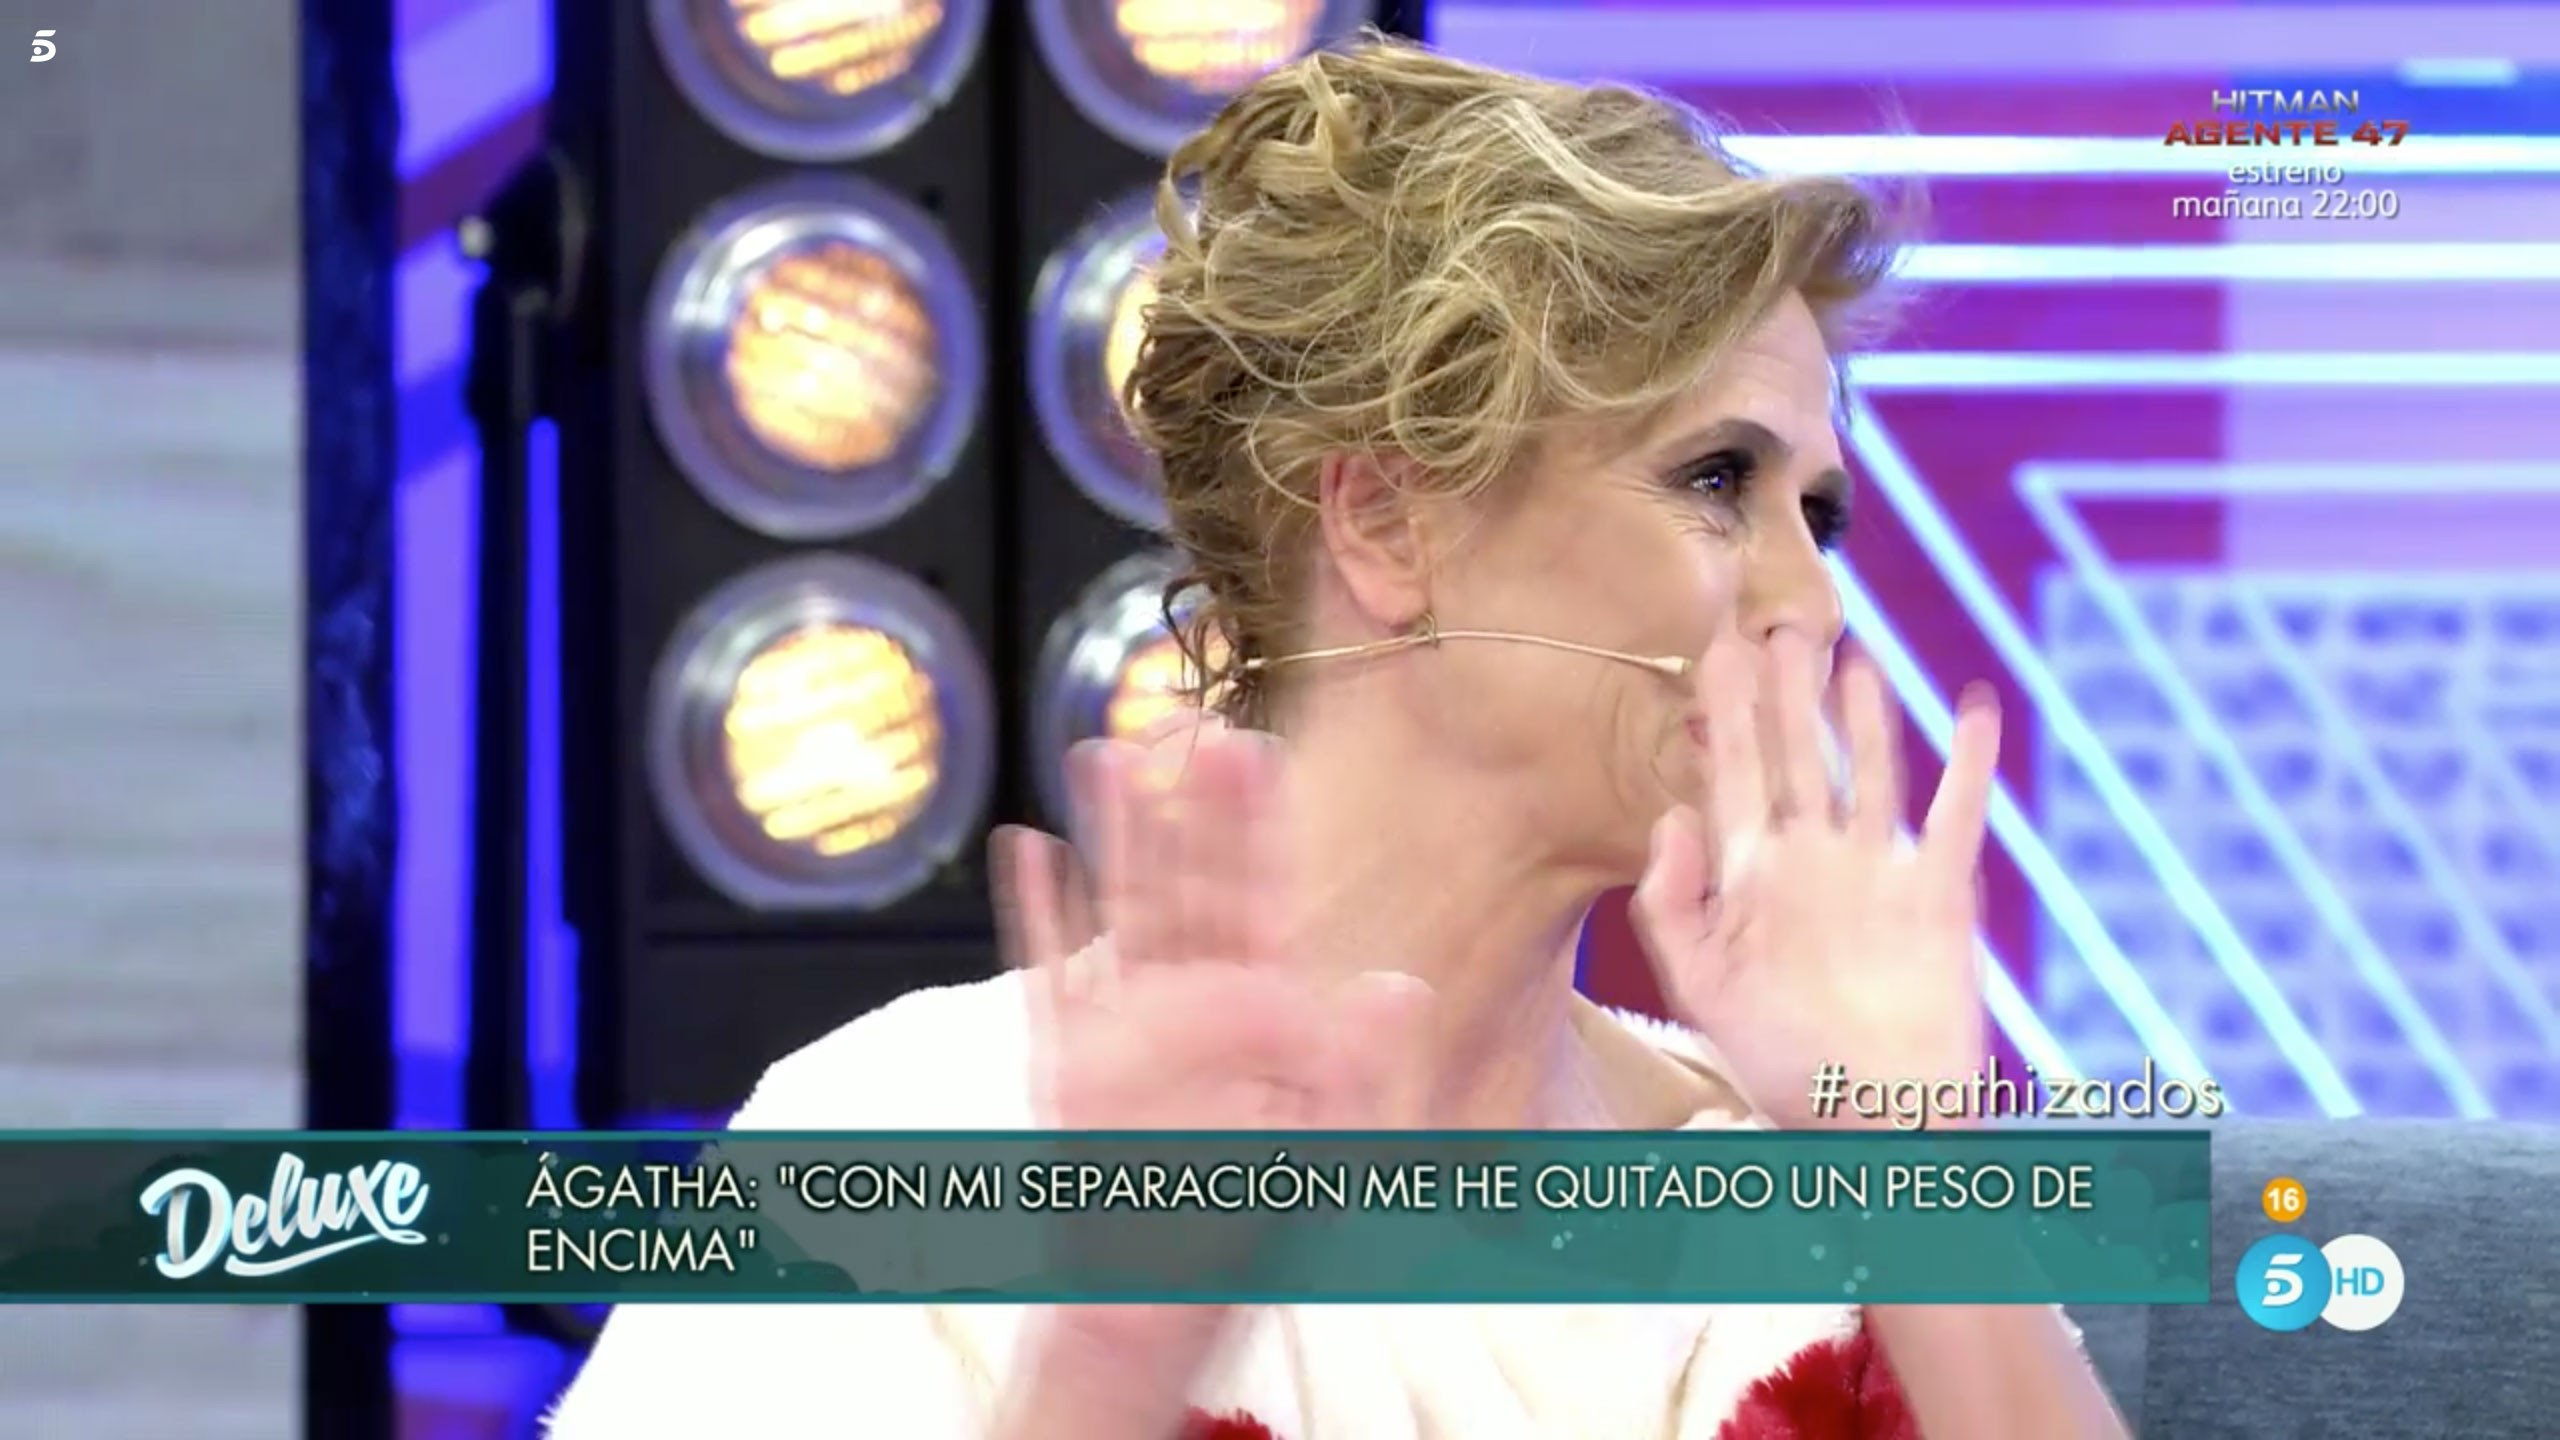 Ágatha Ruiz de la Prada